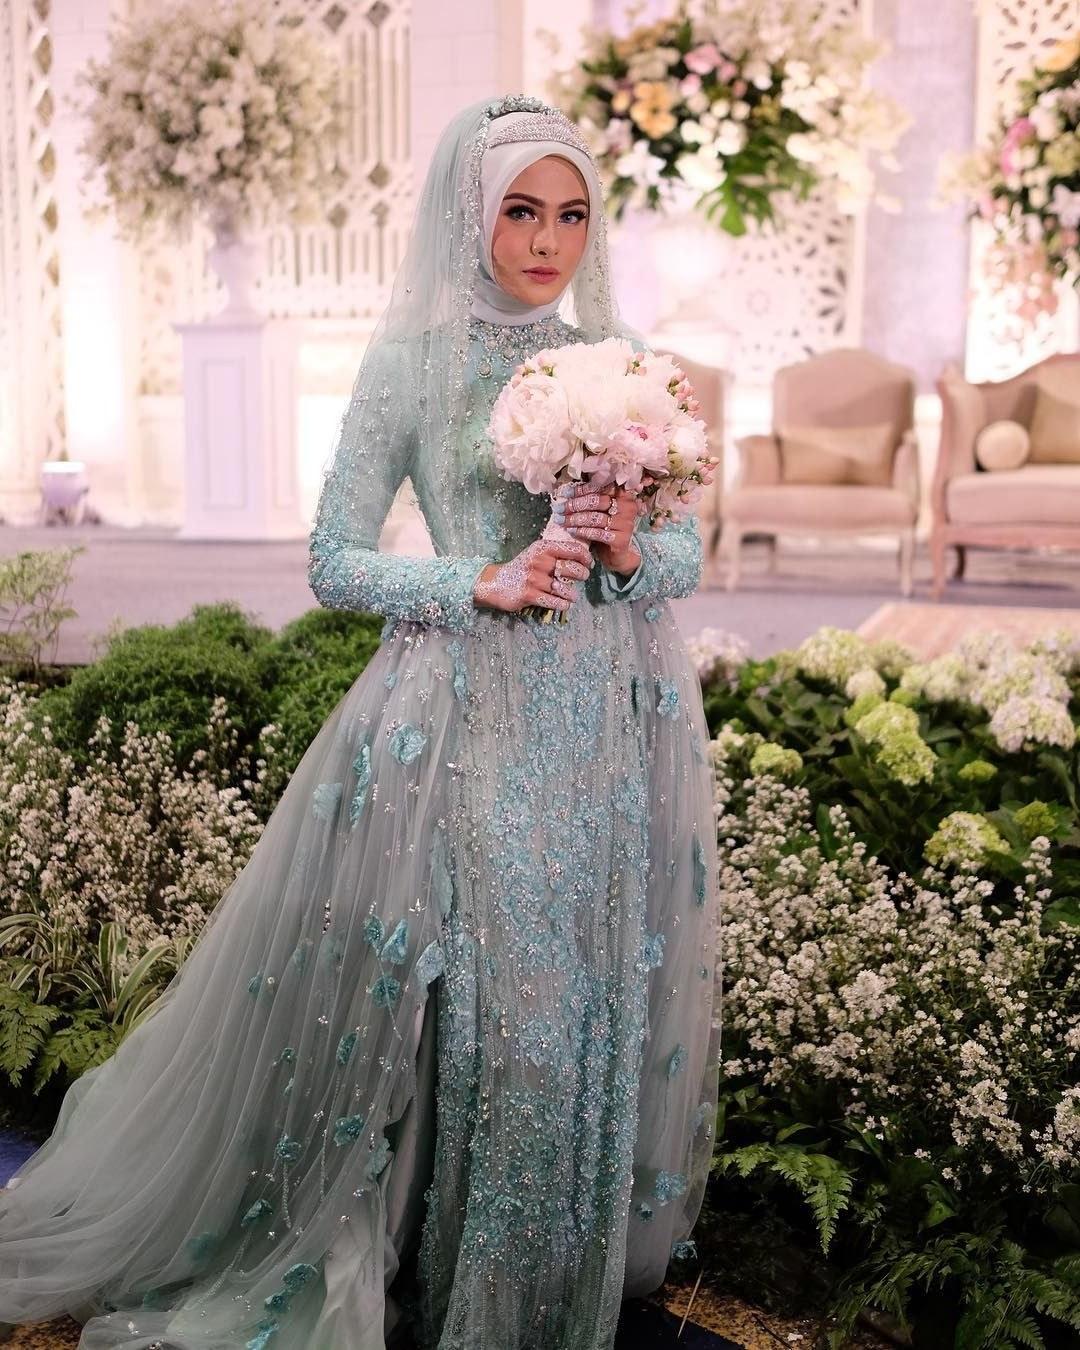 Ide Baju Pengantin Sederhana Muslimah Qwdq Contoh Desain Baju Pengantin Muslimah Desain Pernikahan